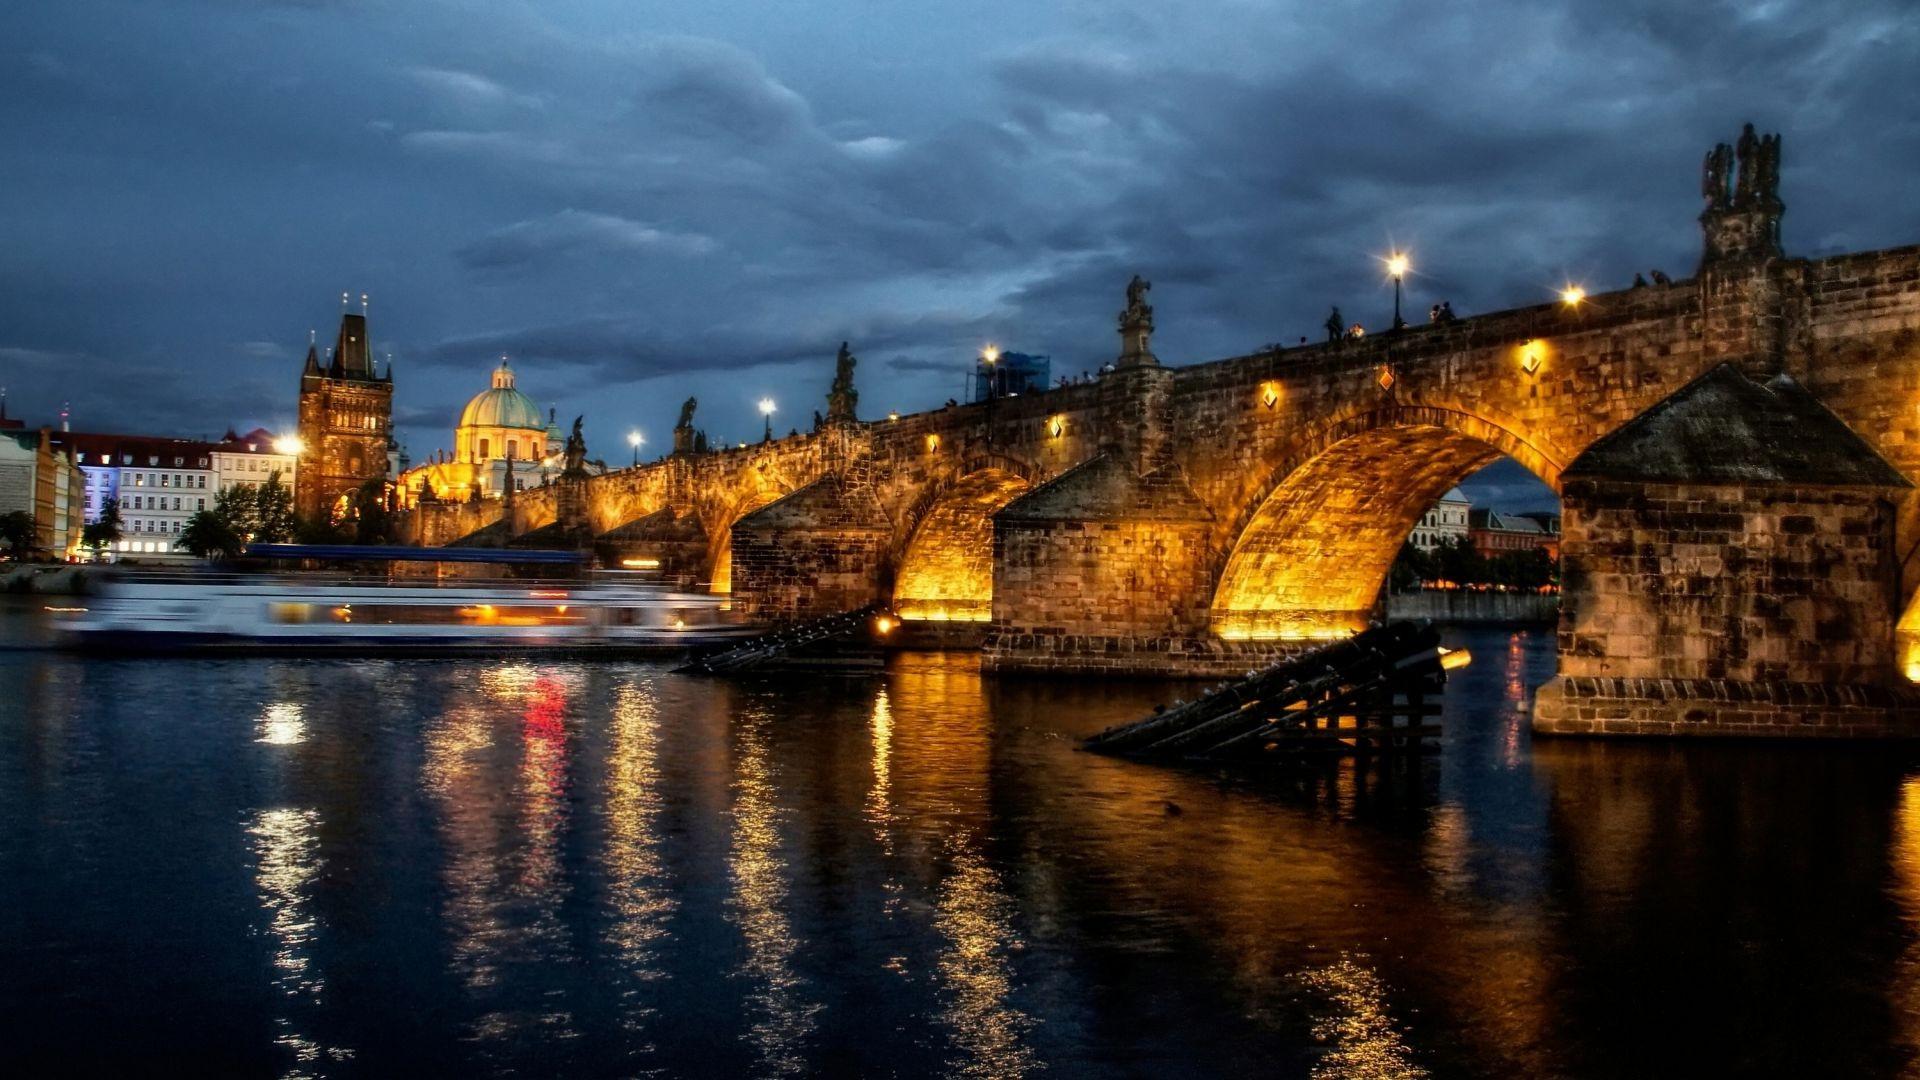 Москва обои на рабочий стол скачать бесплатно 14